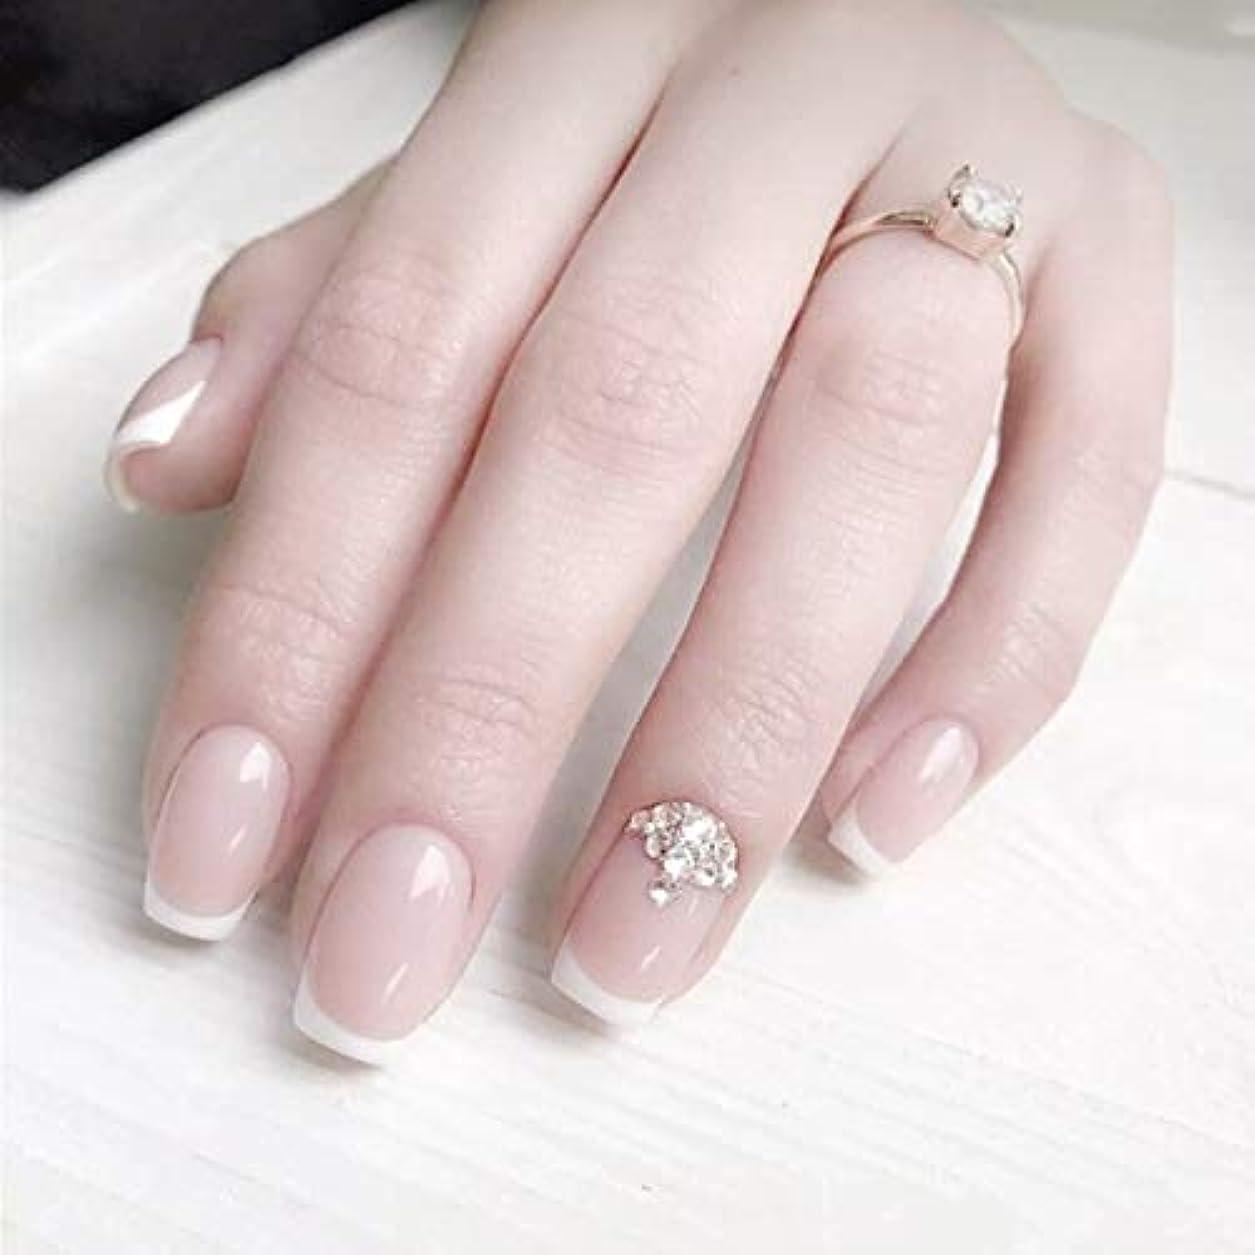 ゴネリル疑い者ヒューマニスティックロマンチックのフランス風ネイルチップ 付け爪 花嫁ネイルパーツ つけ爪 ネイルジュエリー ネイルアート